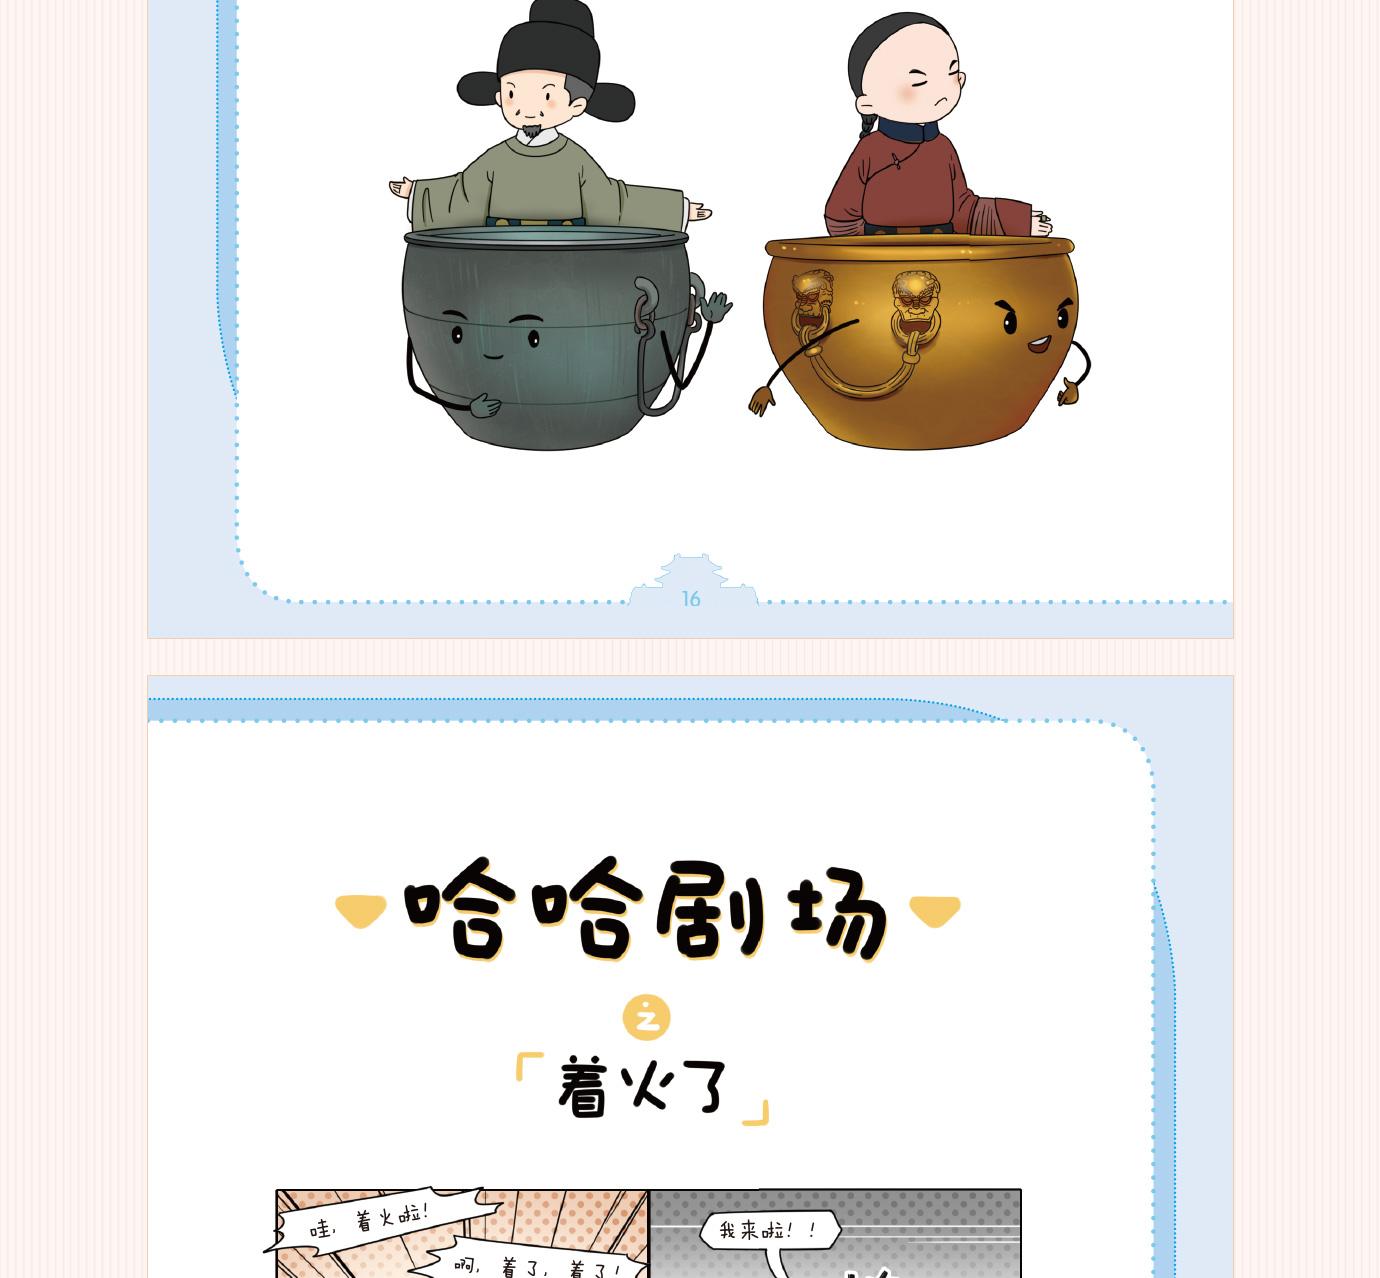 漫话国宝 (33).jpg